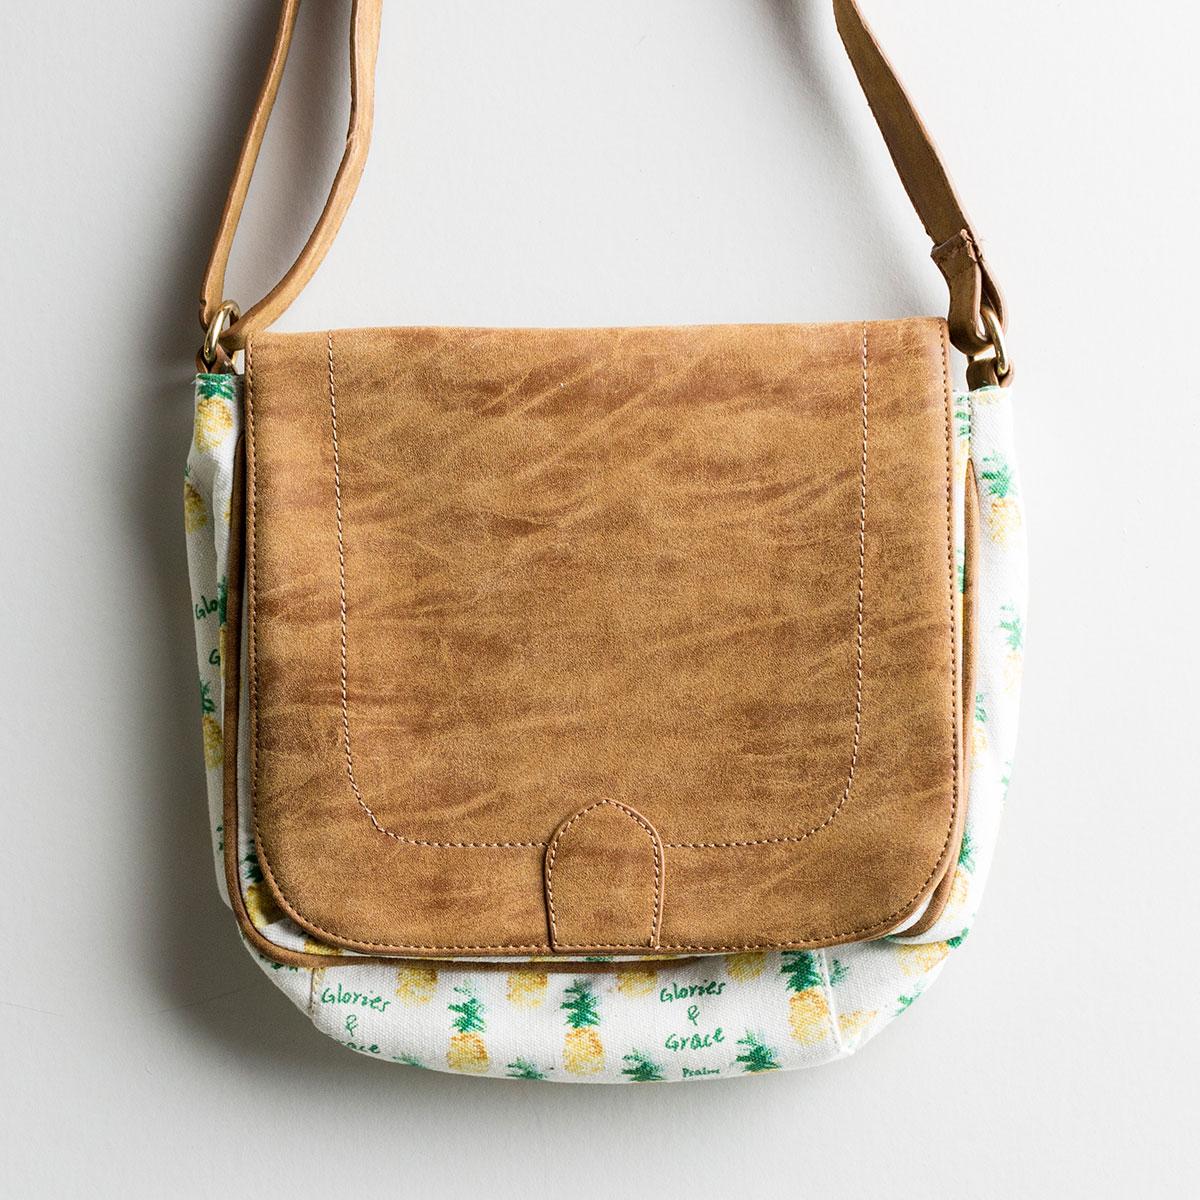 Glories & Grace - Crossbody Bag